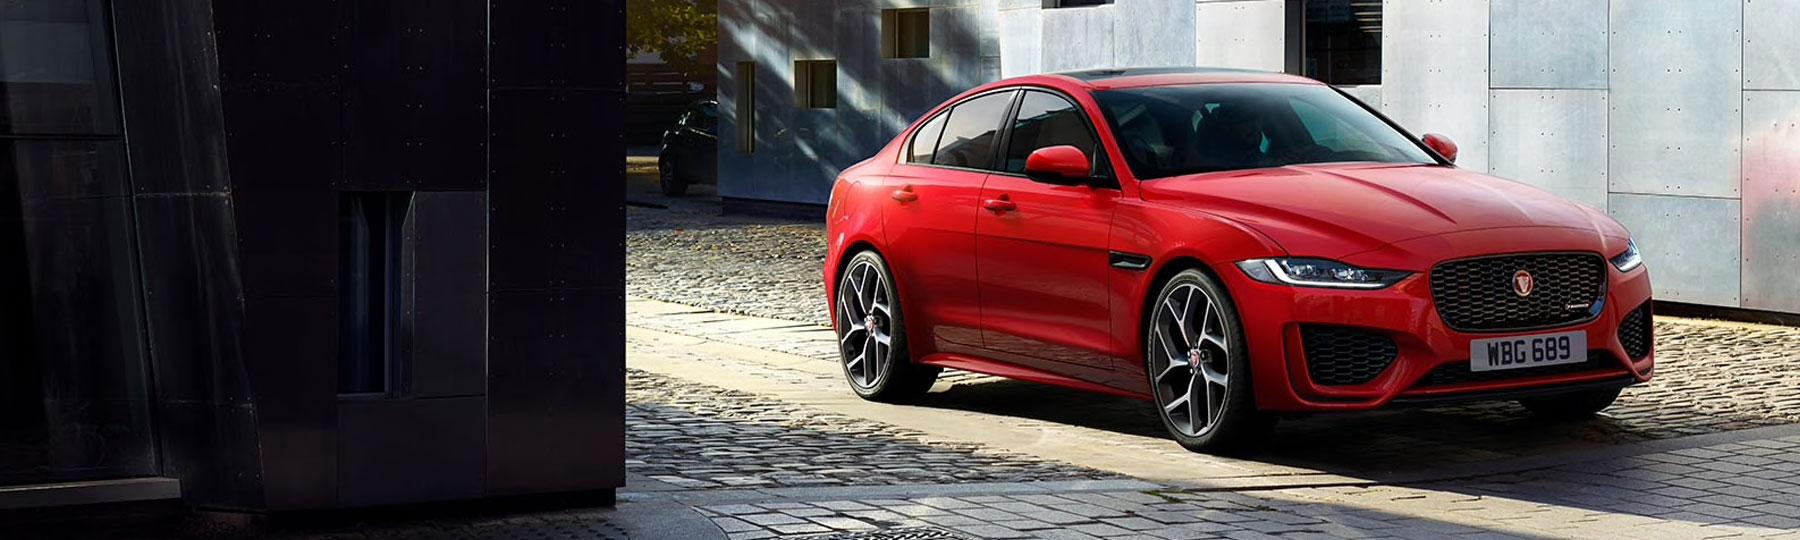 New Jaguar XE Business Offer